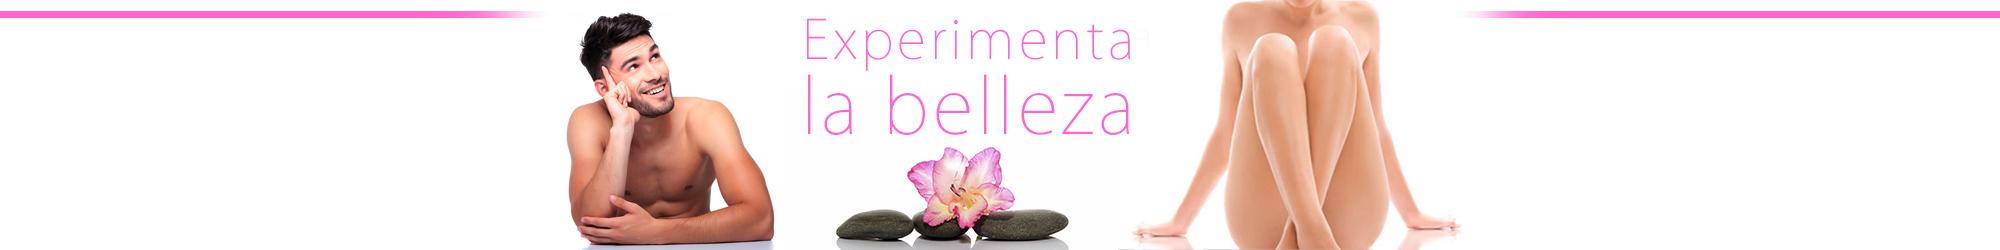 César Girón Peluqueria, centro de estética, guía estética, depilación, masajes, tratamiento corporal